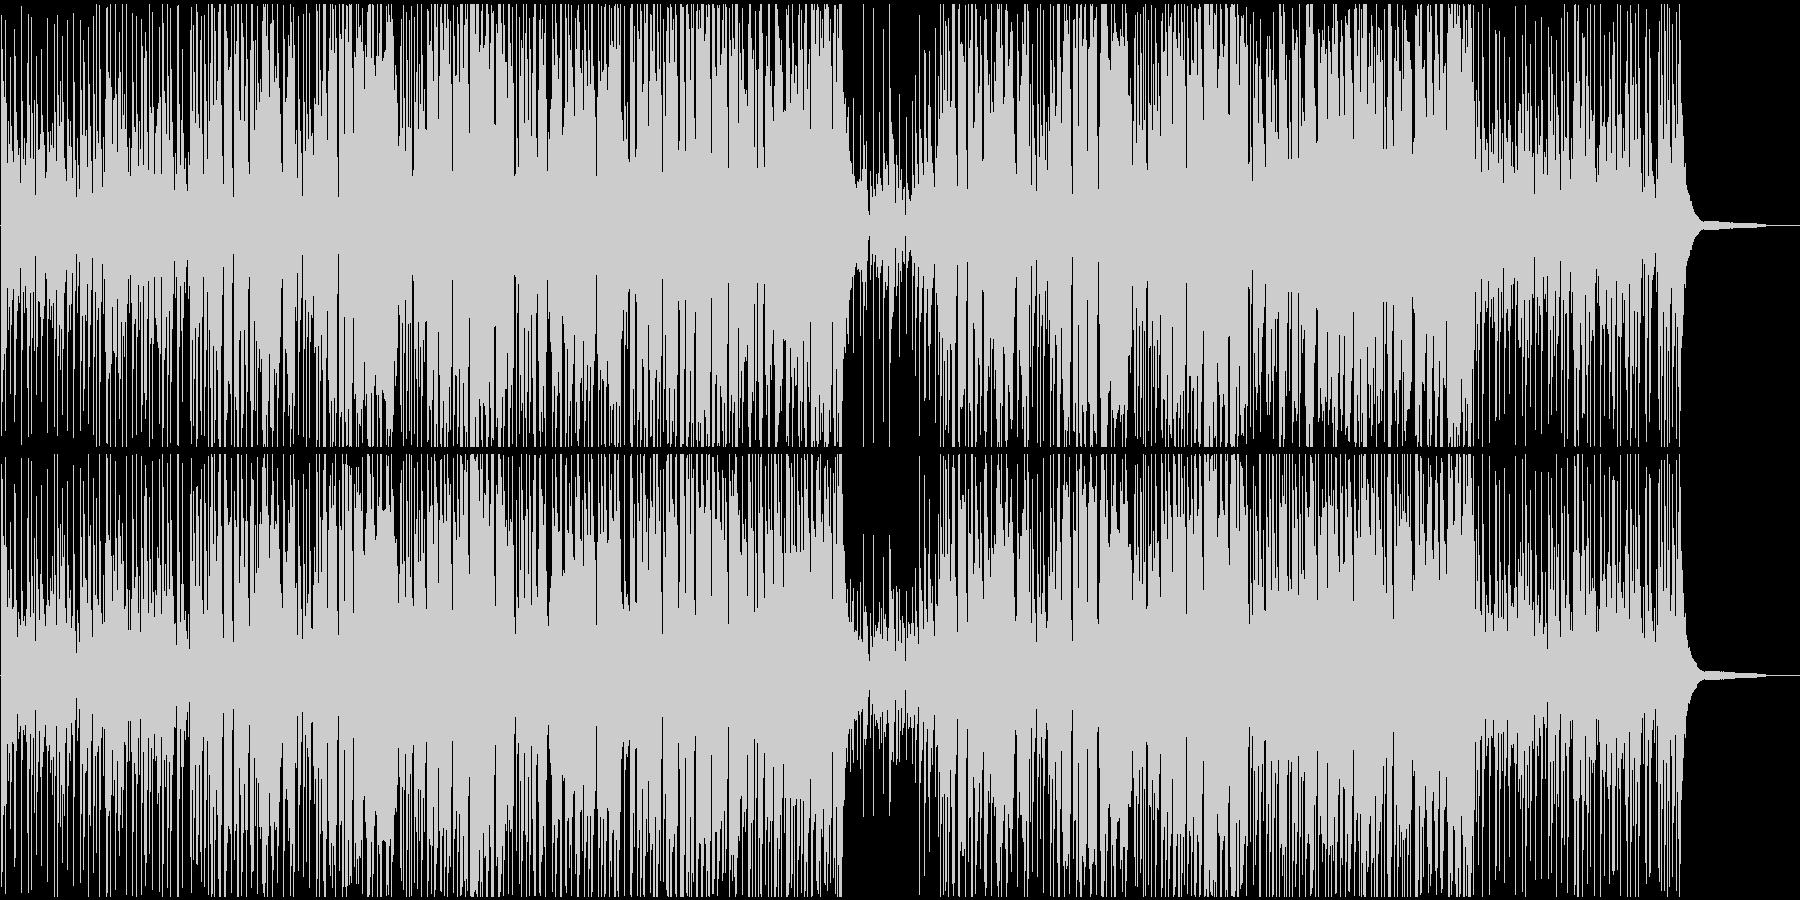 ジャズBGM 映像系に合うジャズファンクの未再生の波形